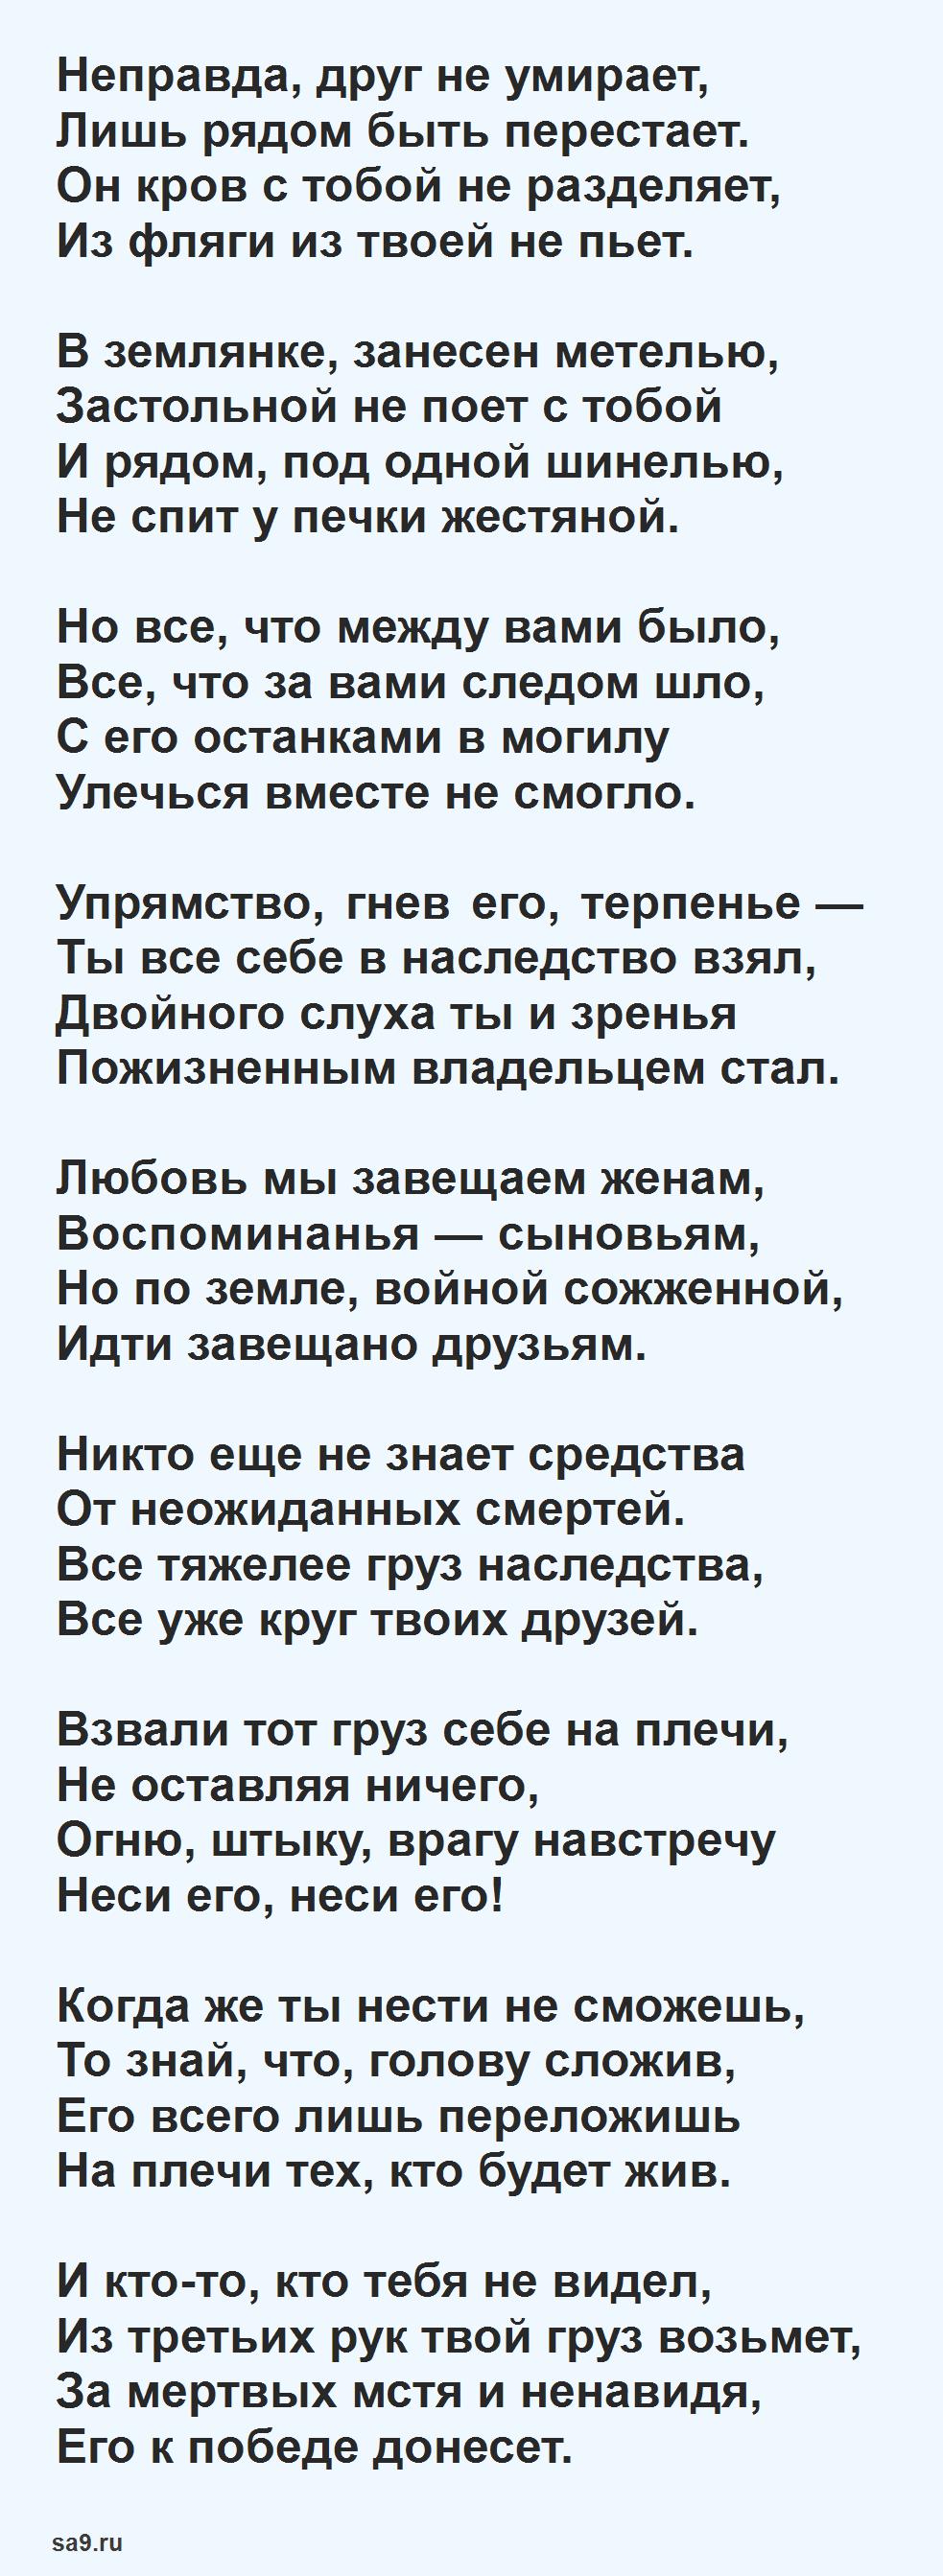 Симонов стихи - Смерть друга